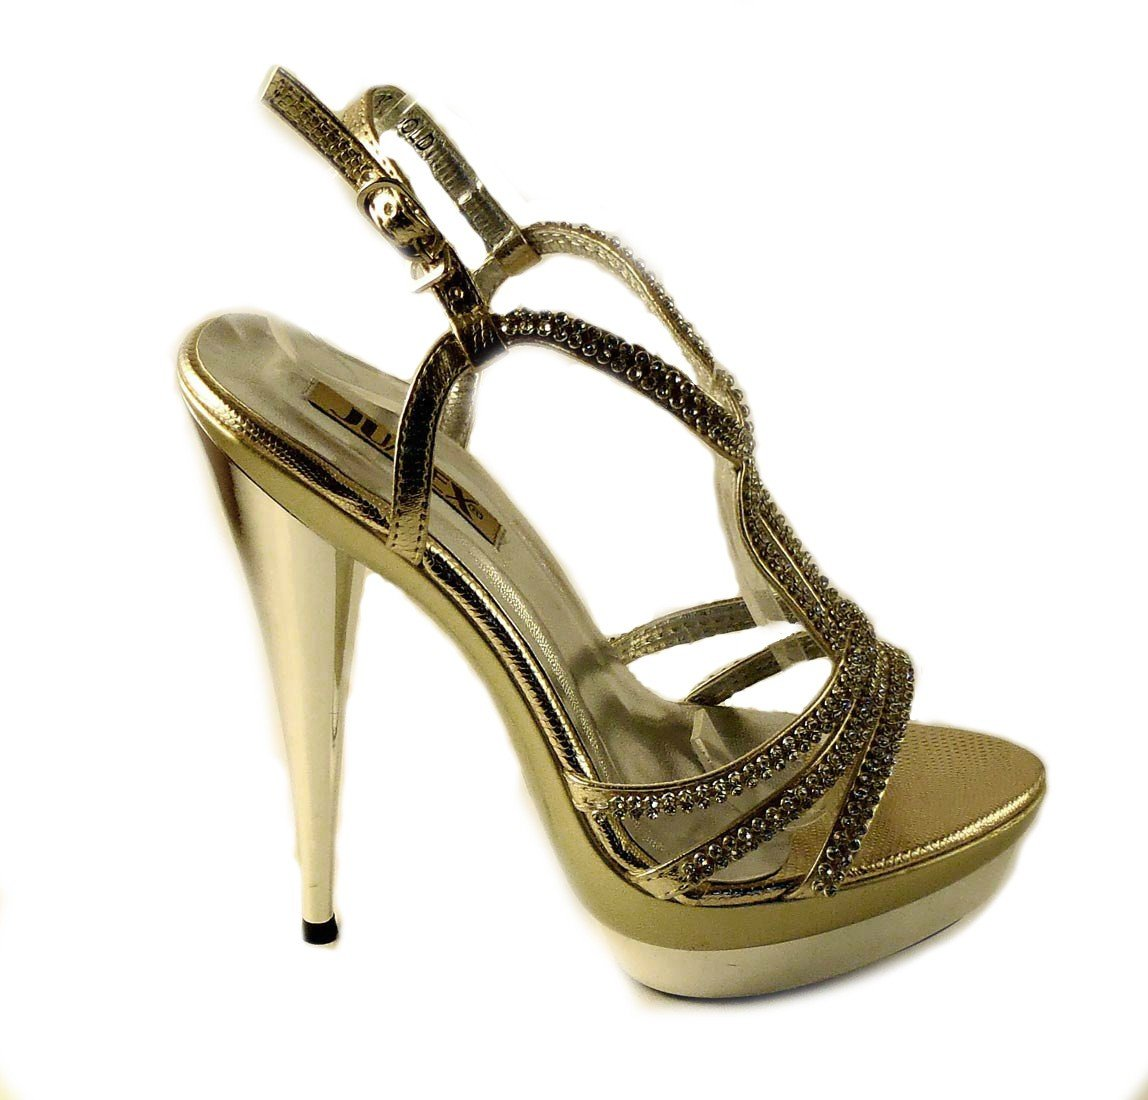 9022f915a8a0 Spoločenské sandále Tracy zlaté · Kliknite pre zväčšenie obrázku